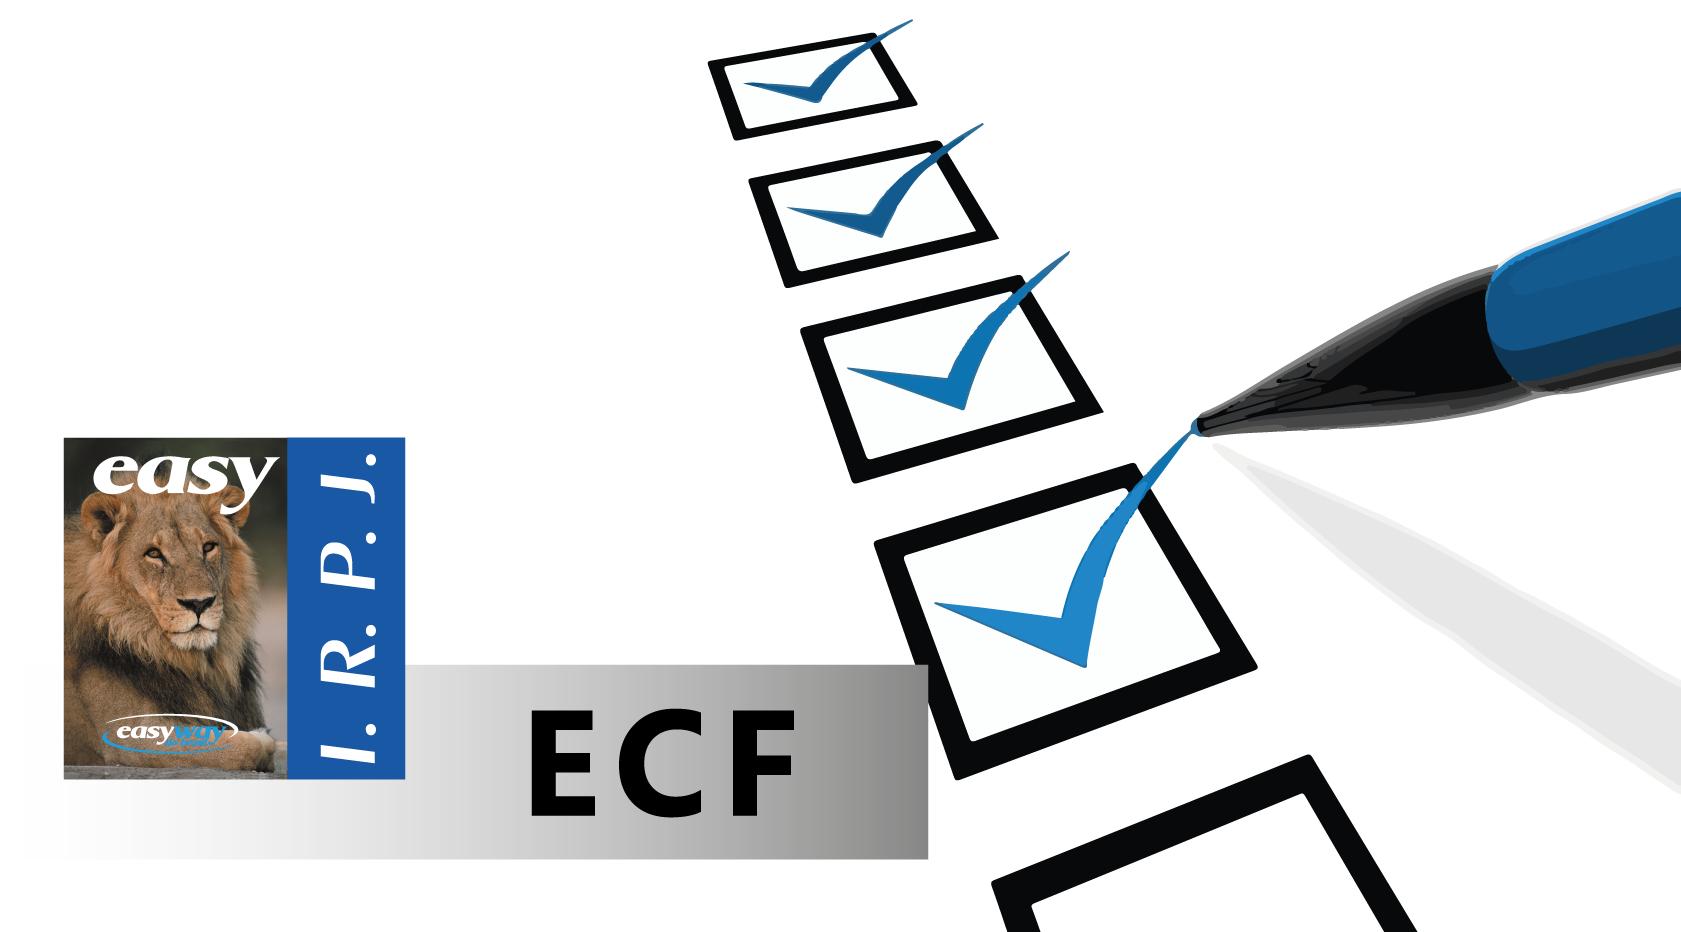 ECF deve ser entregue até 30 de setembro